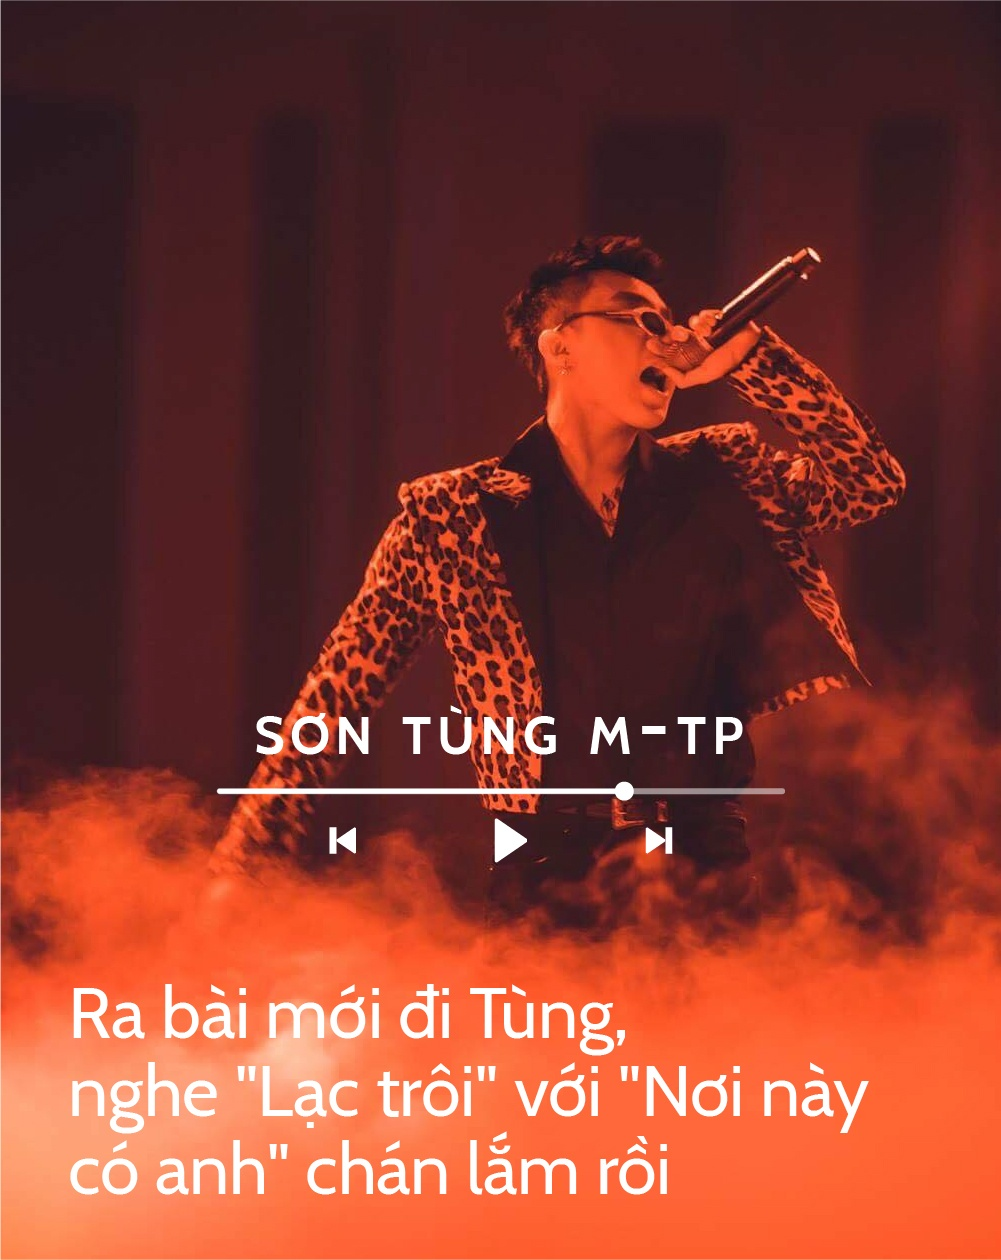 Son Tung va mot nam im ang: Can von hay chieu 'an binh bat dong'? hinh anh 5